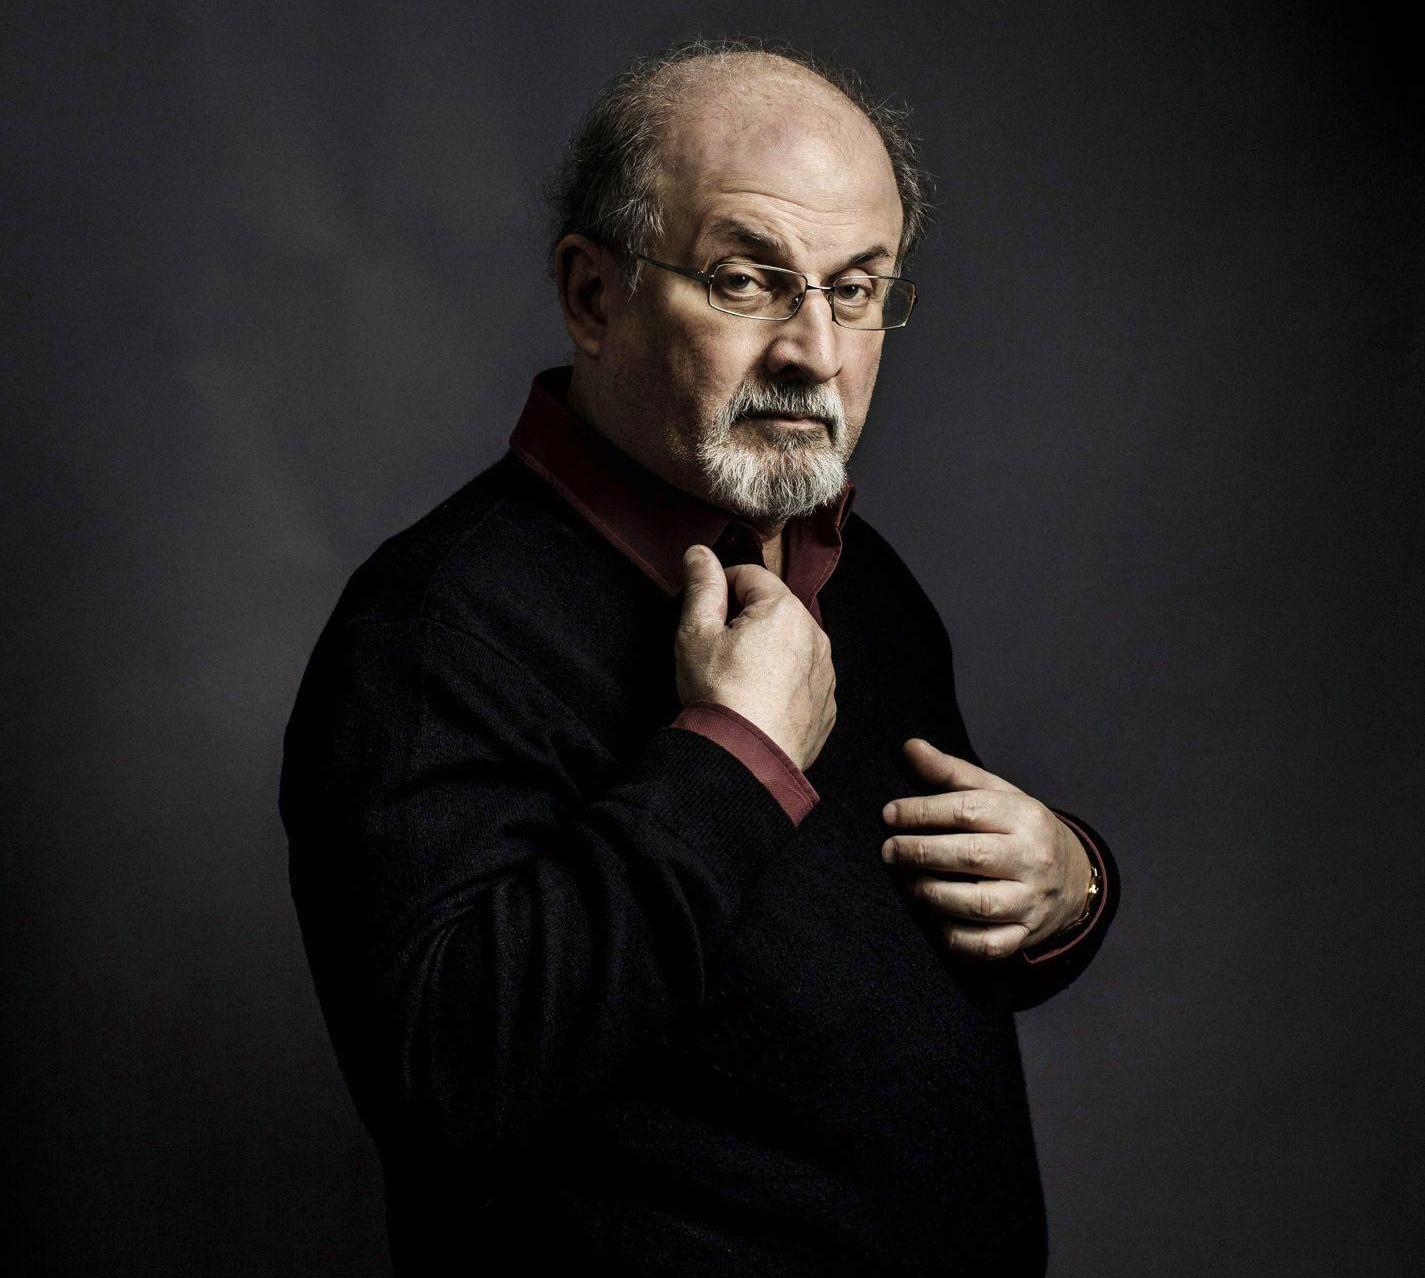 «تنهيدة المغربي الأخيرة»: سلمان رشدي في متاهة الجحيم